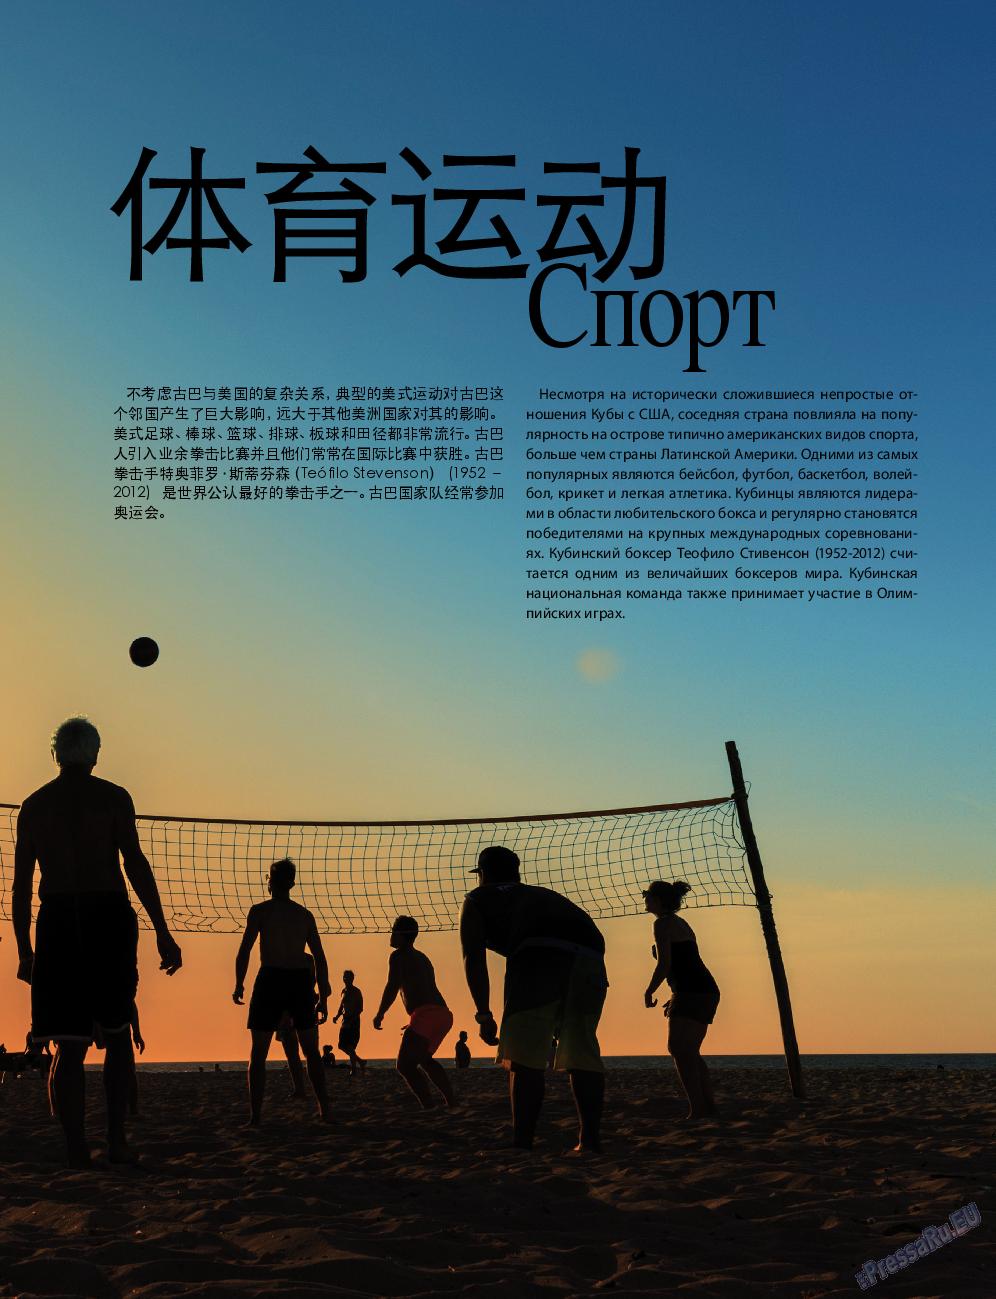 Клан (журнал). 2016 год, номер 10, стр. 59